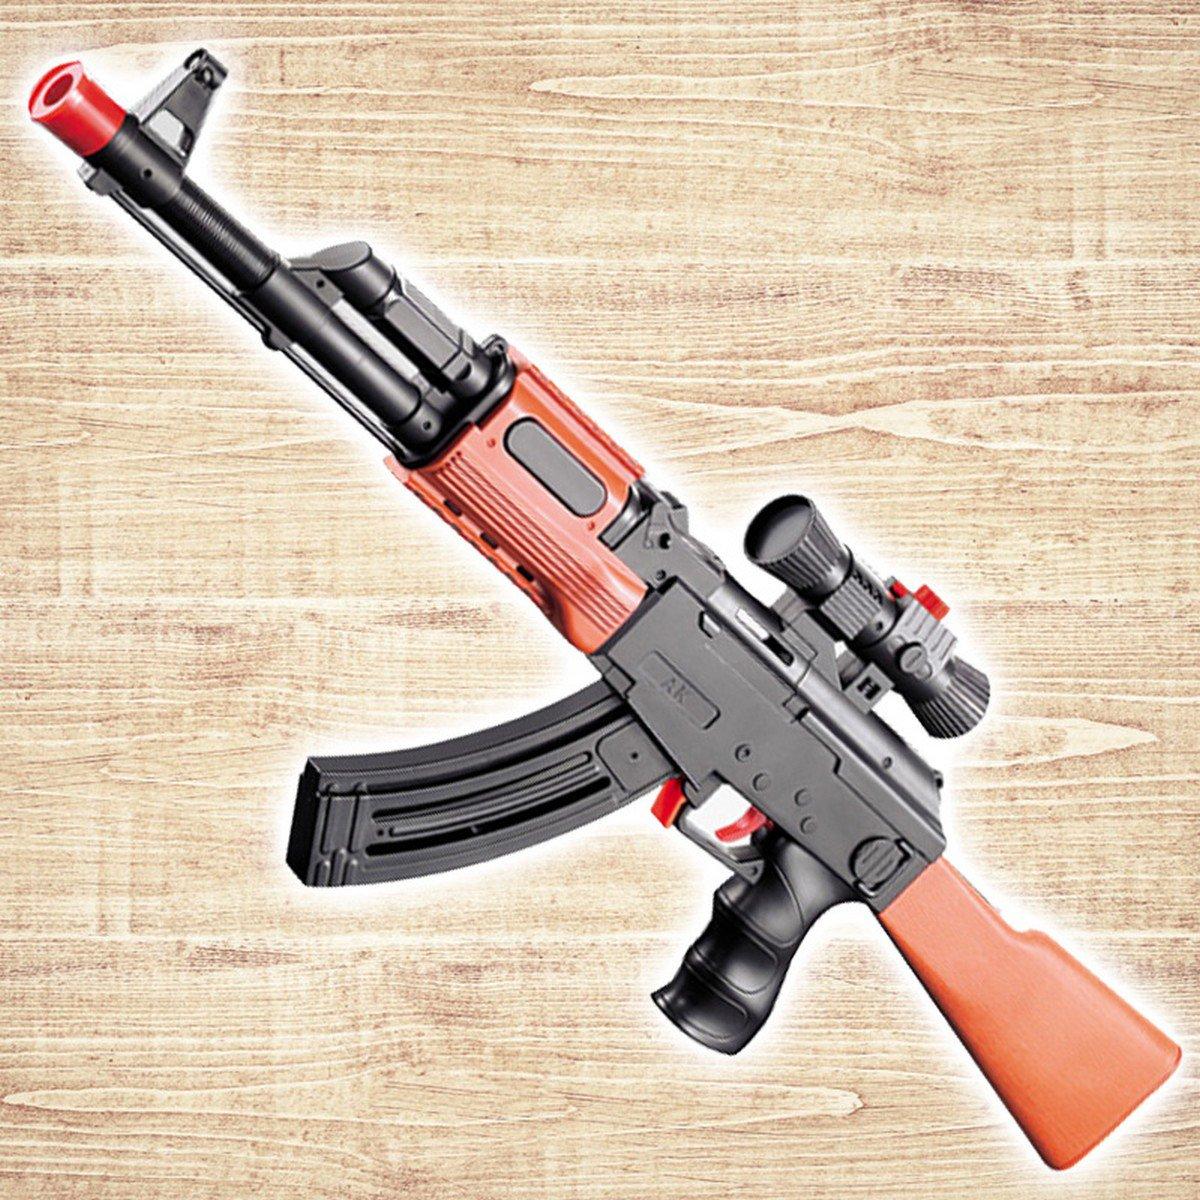 Buy Far Range AK 47 Toy Submachine Gun Soft Bullet Water Crystal Bullet Pistol Gun Airgun For Kids